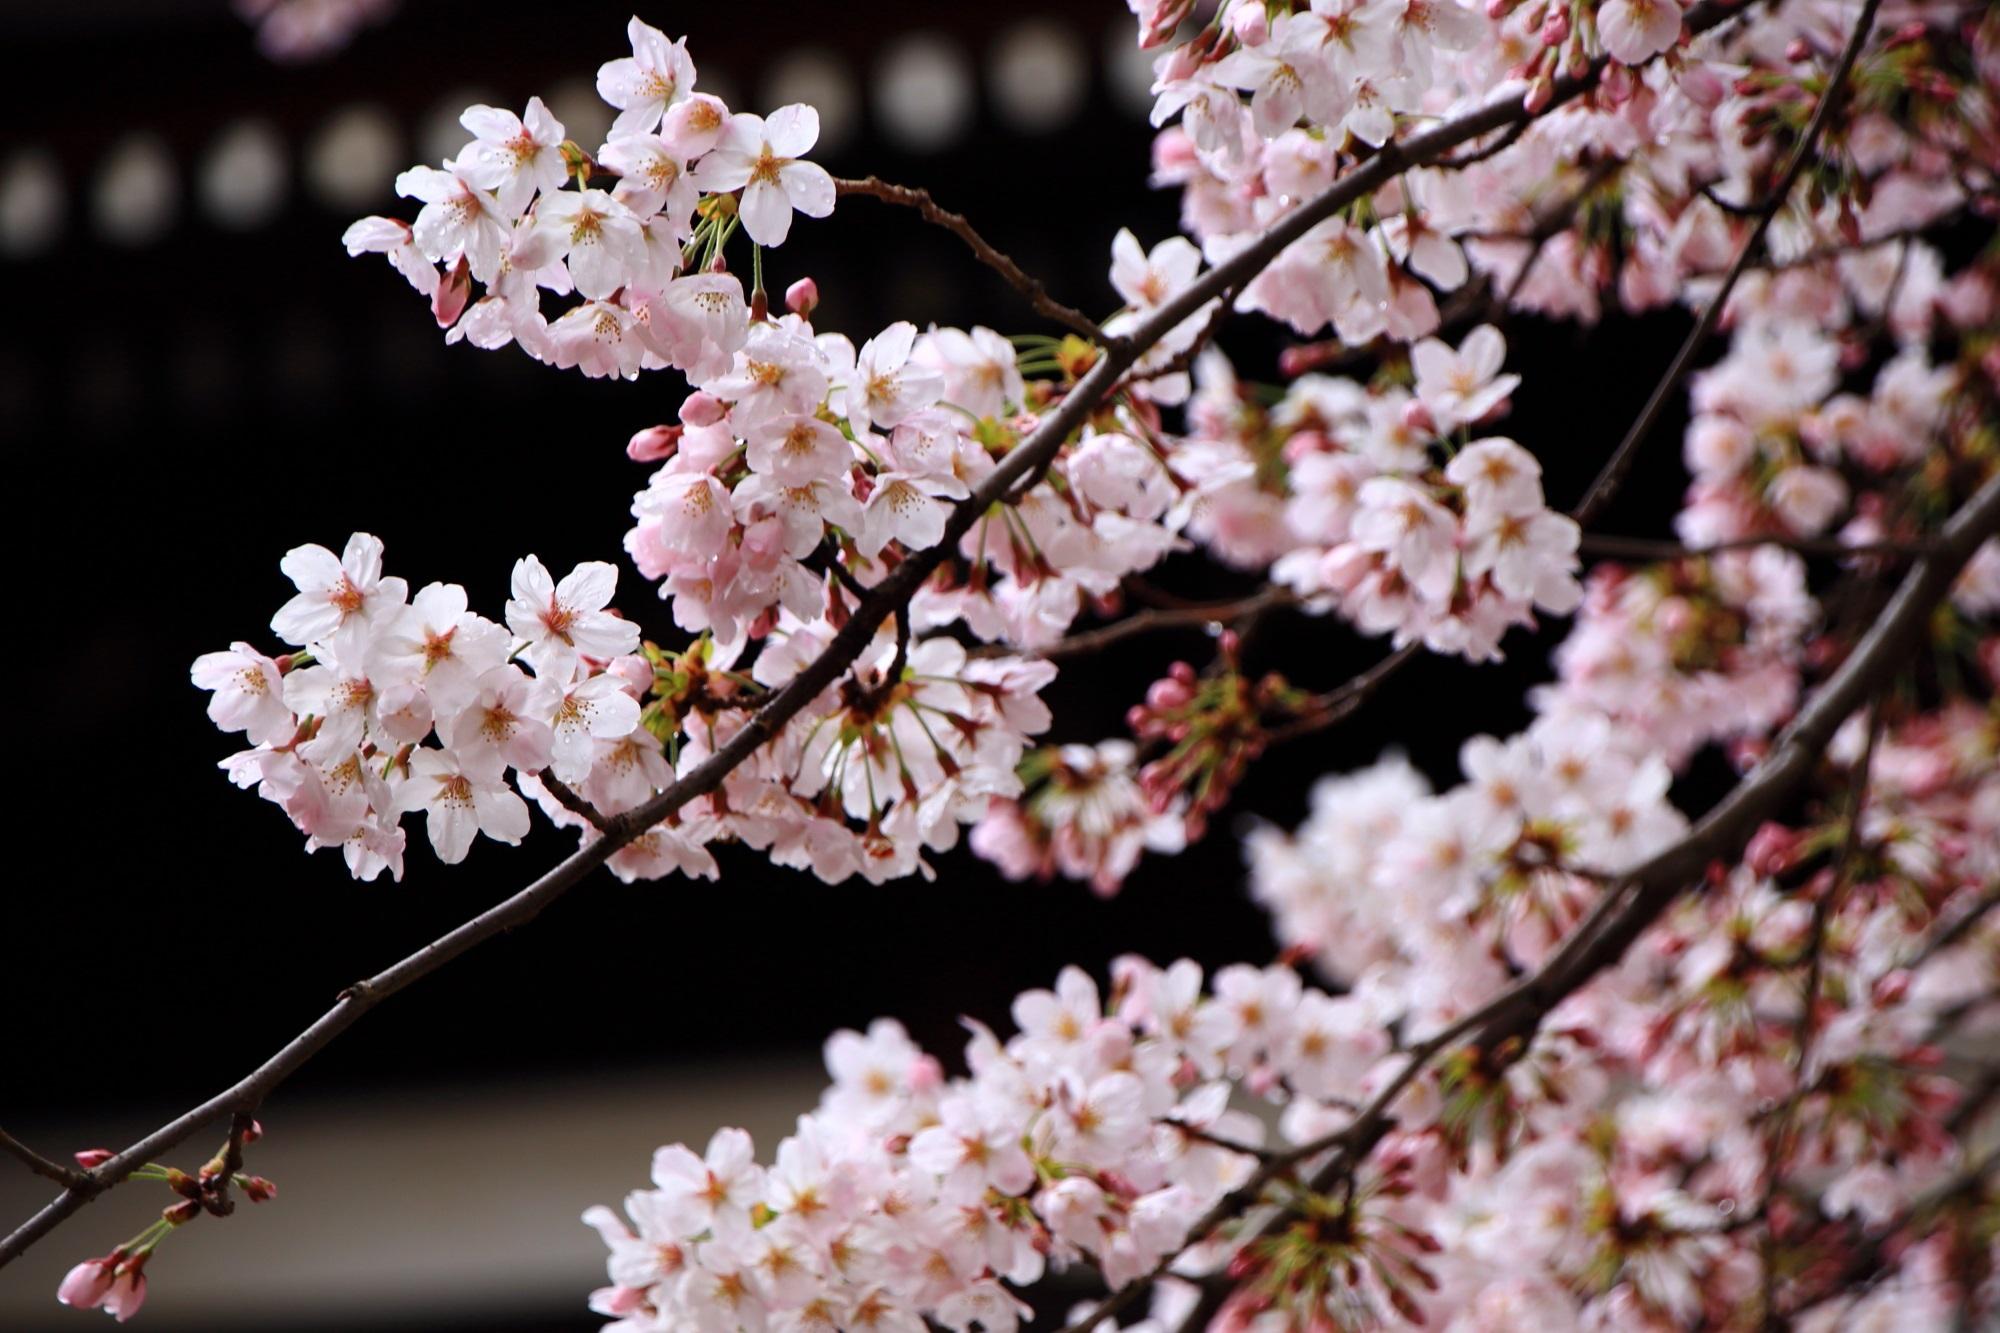 京都の桜の隠れた名所の妙顕寺(みょうけんじ)の満開の桜